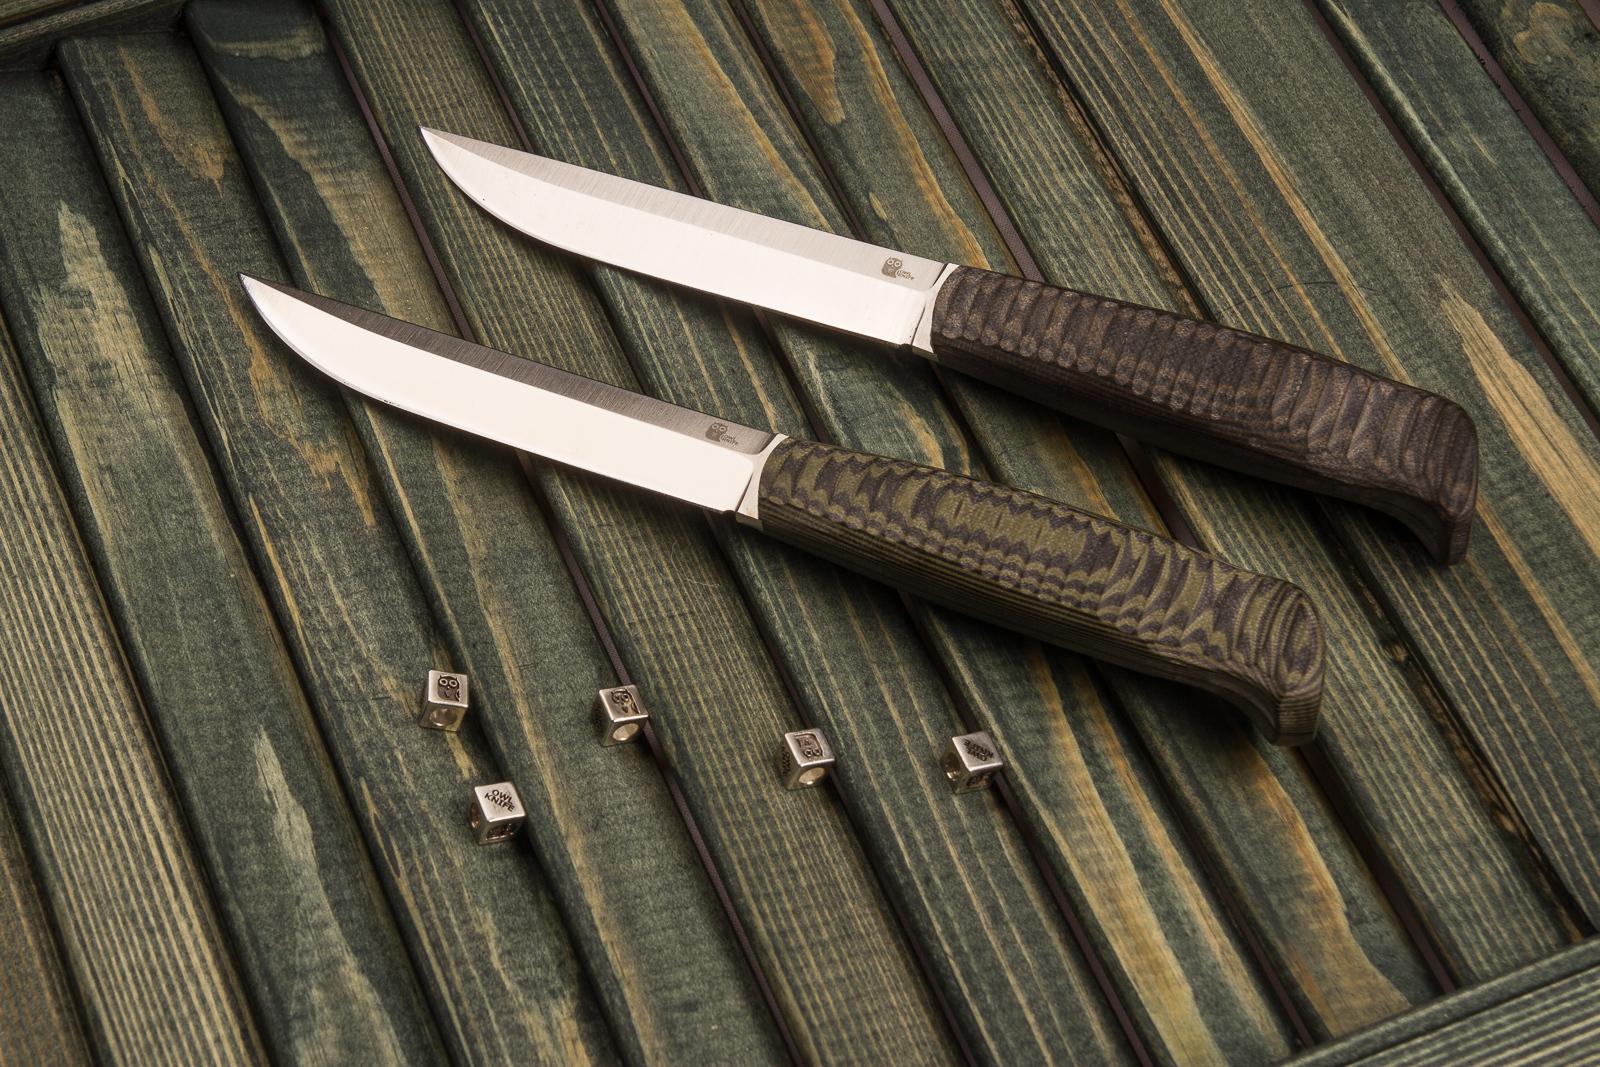 Фото 9 - Финка с грибком и каплей North, N690 от Owl Knife